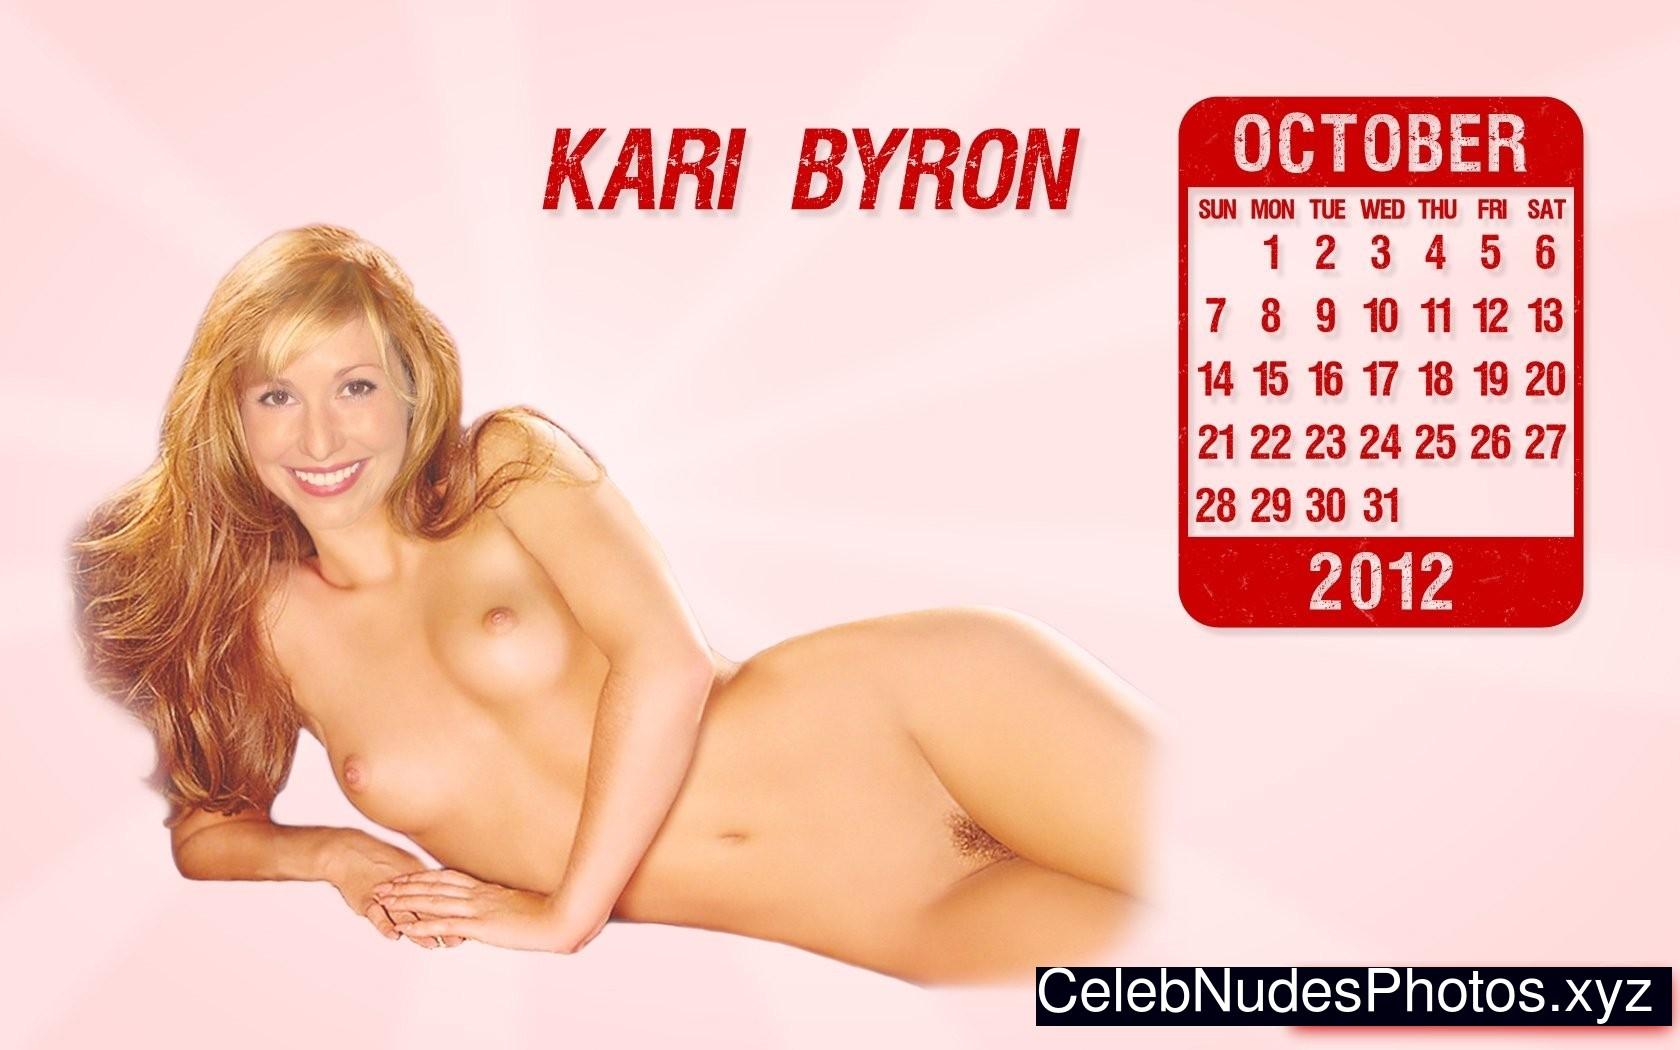 kari byron naked